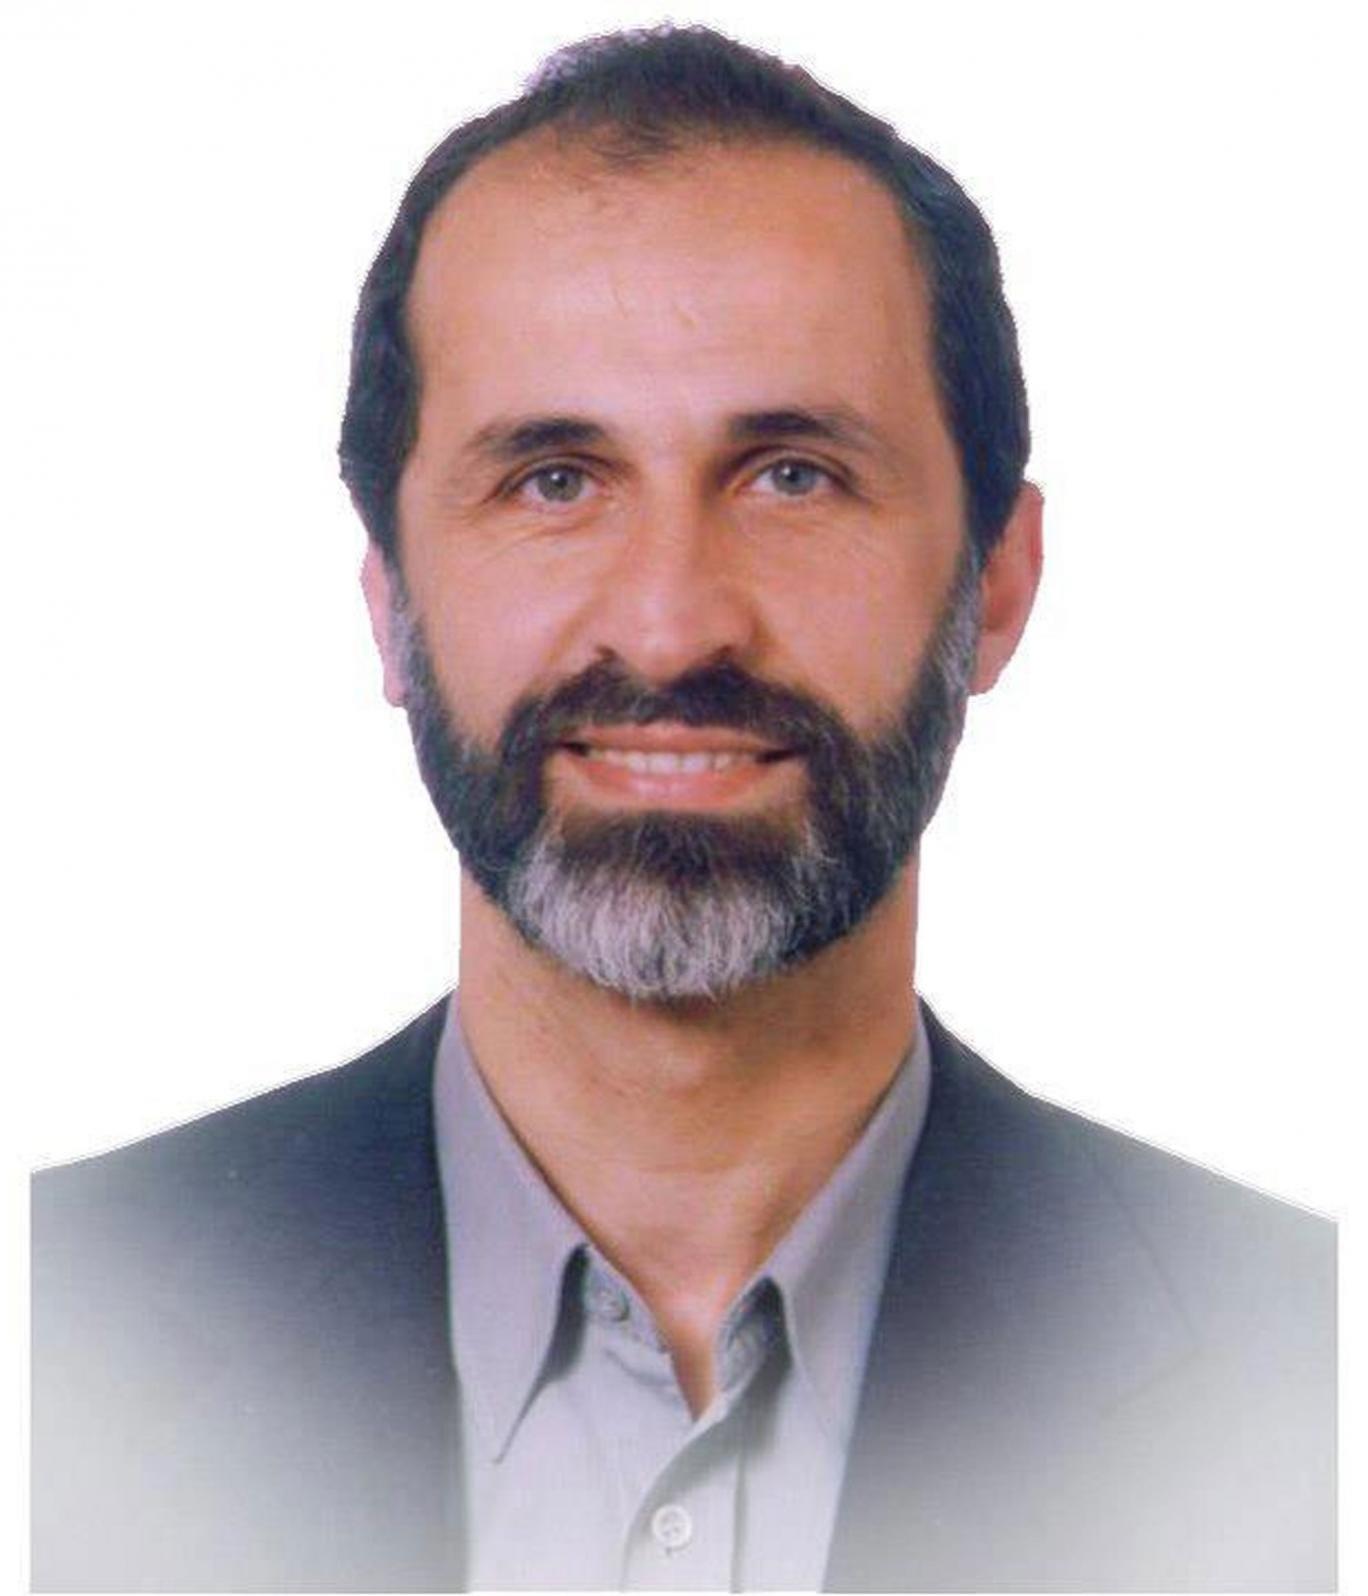 Mouaz al-Khatib